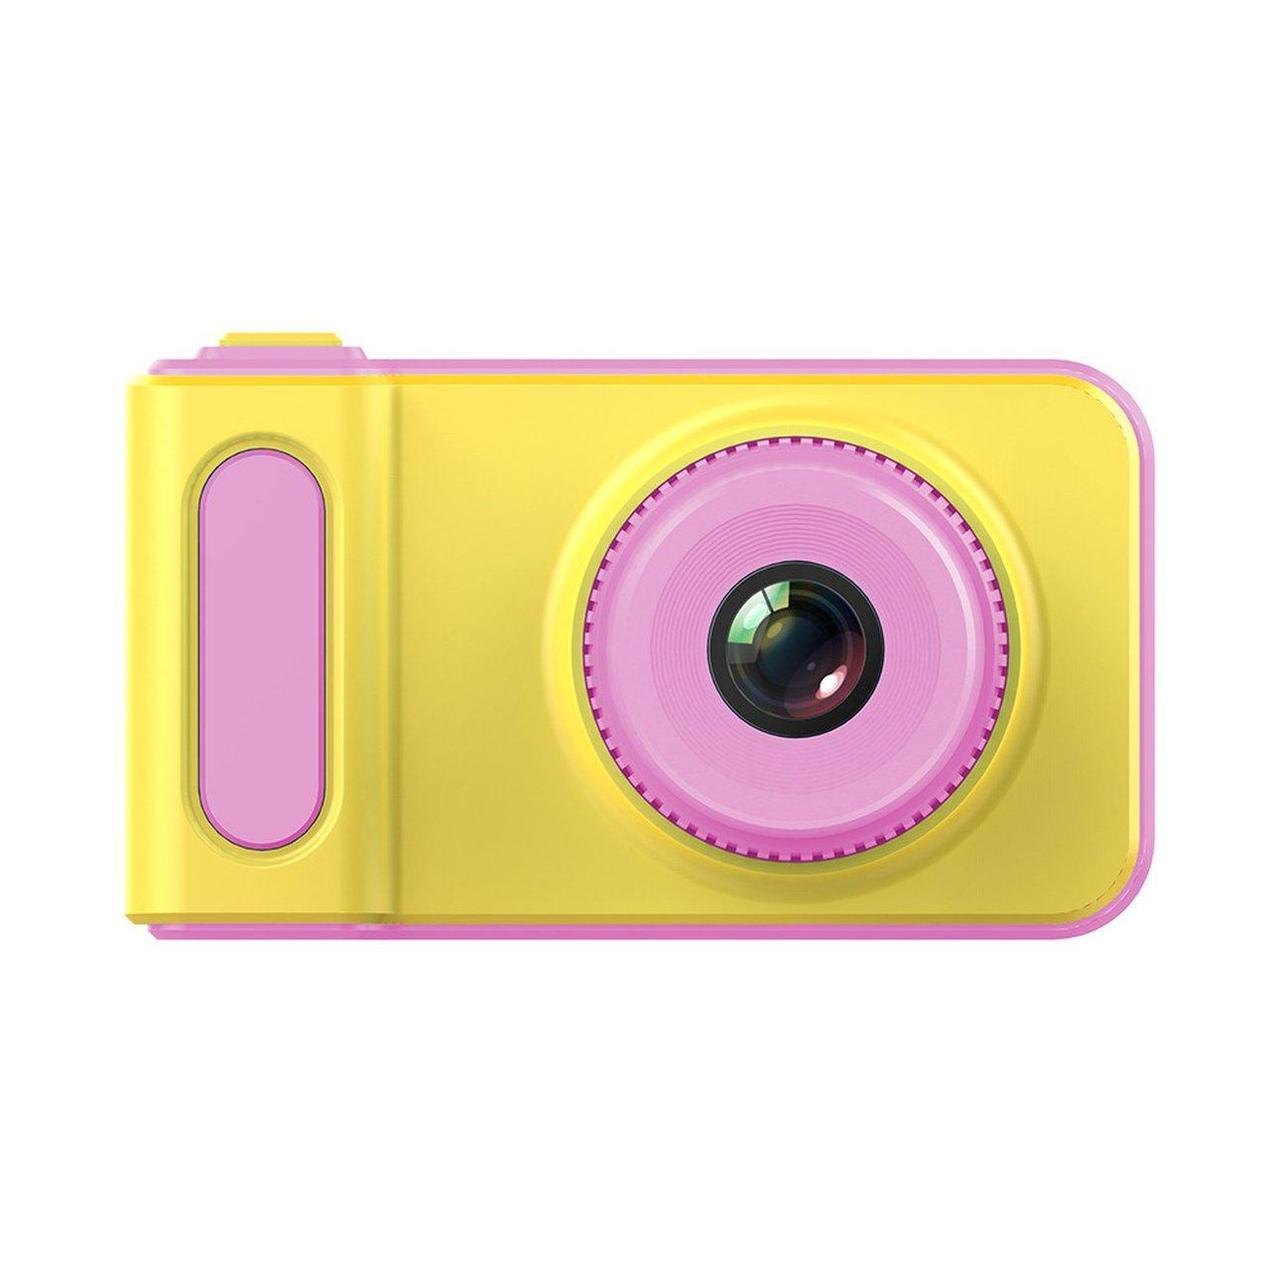 Цифровой детский фотоаппарат розовый Summer Vacation Smart Kids Camera Фото и Видеосъёмка Original